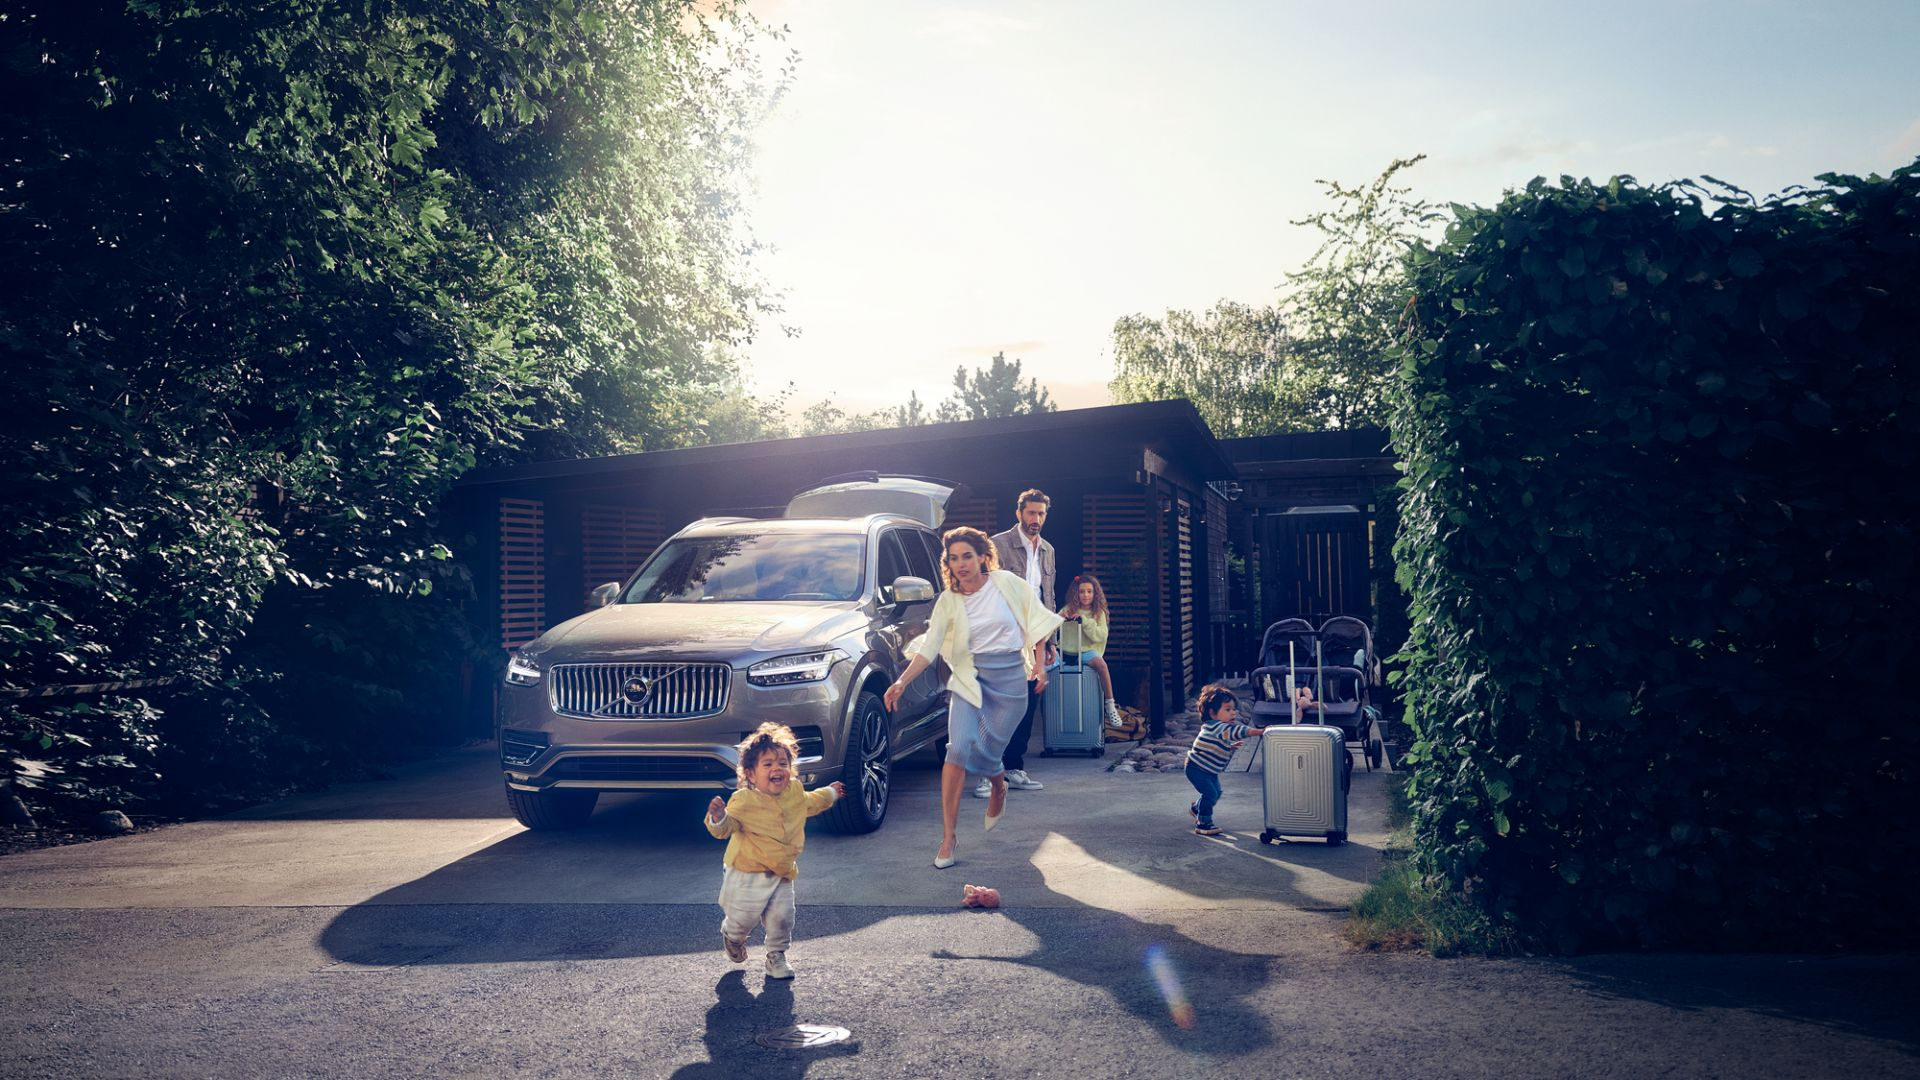 Volvo се отнася с грижа към истински важните неща